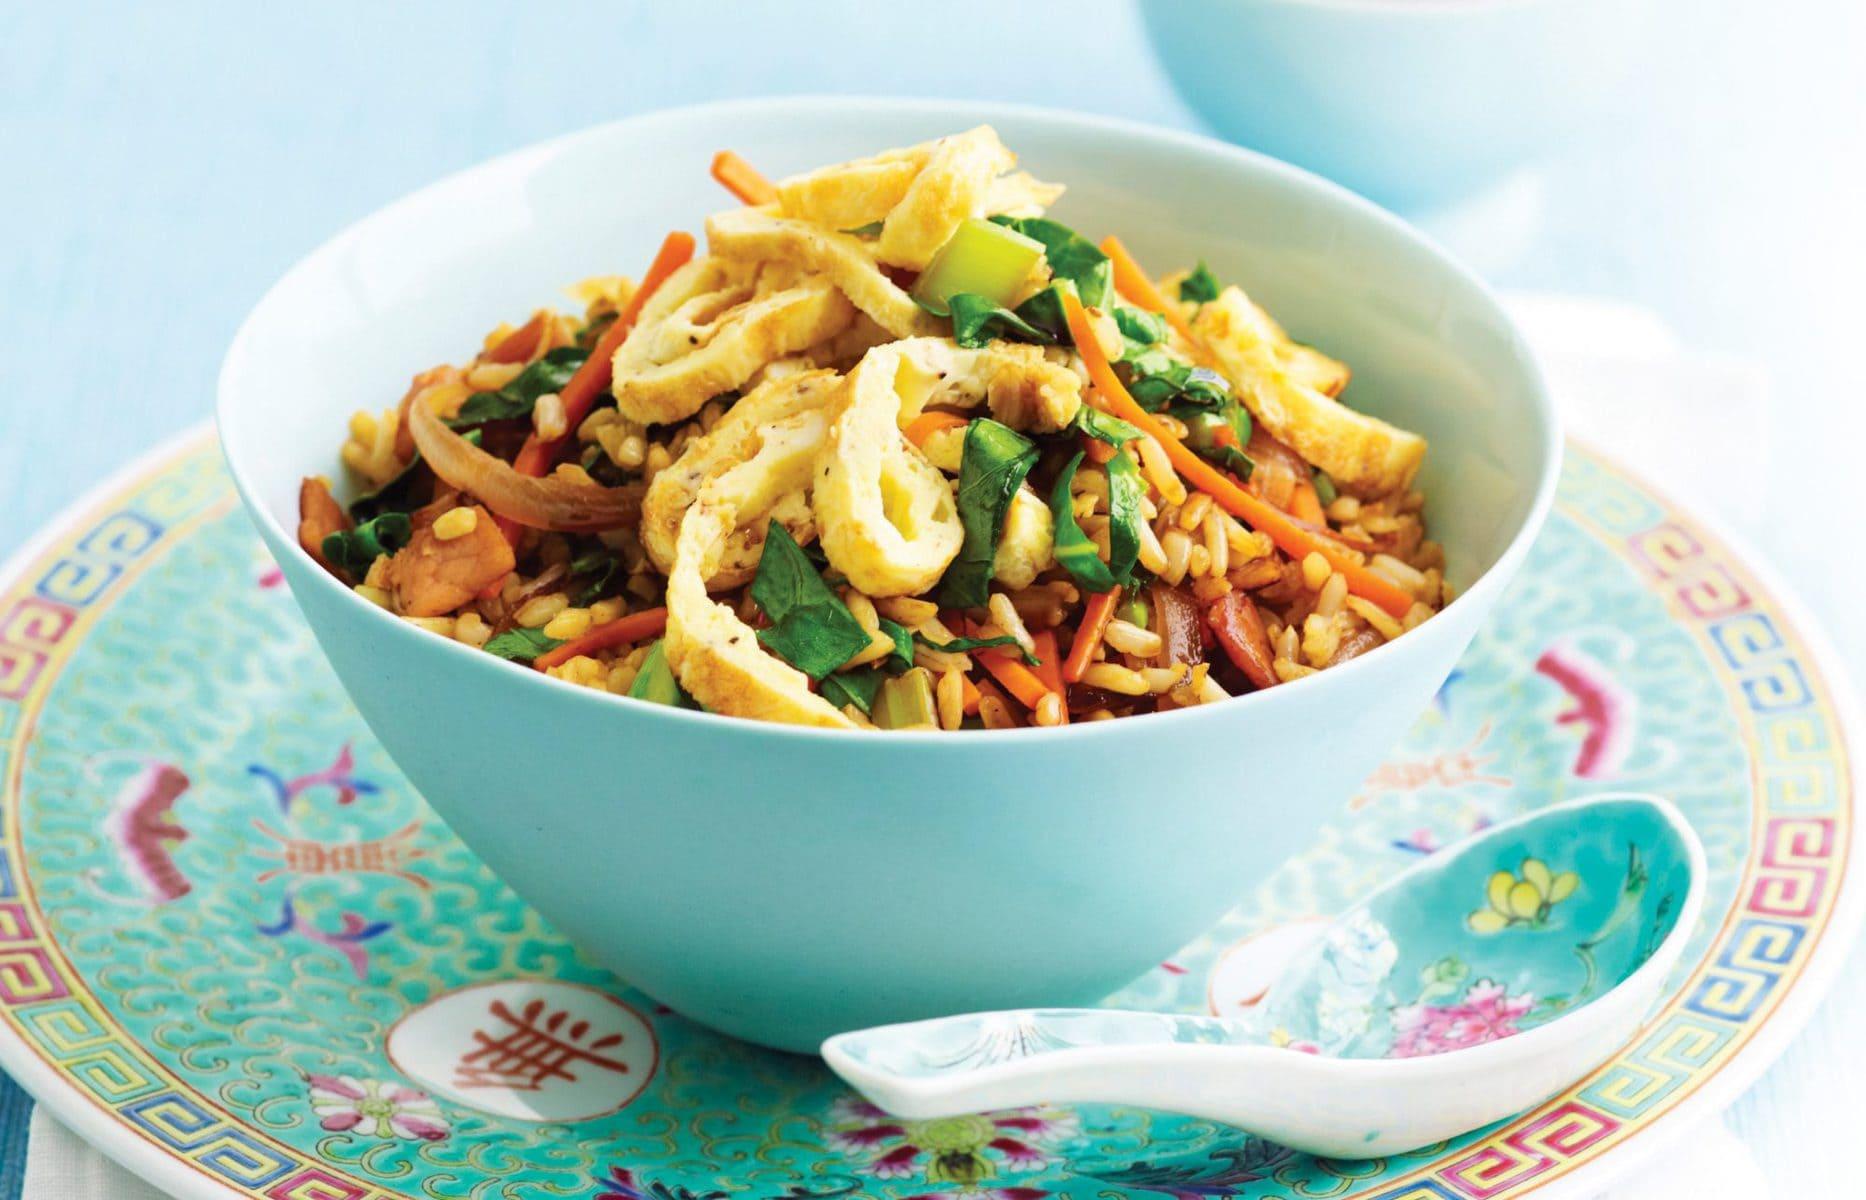 HFG fried rice